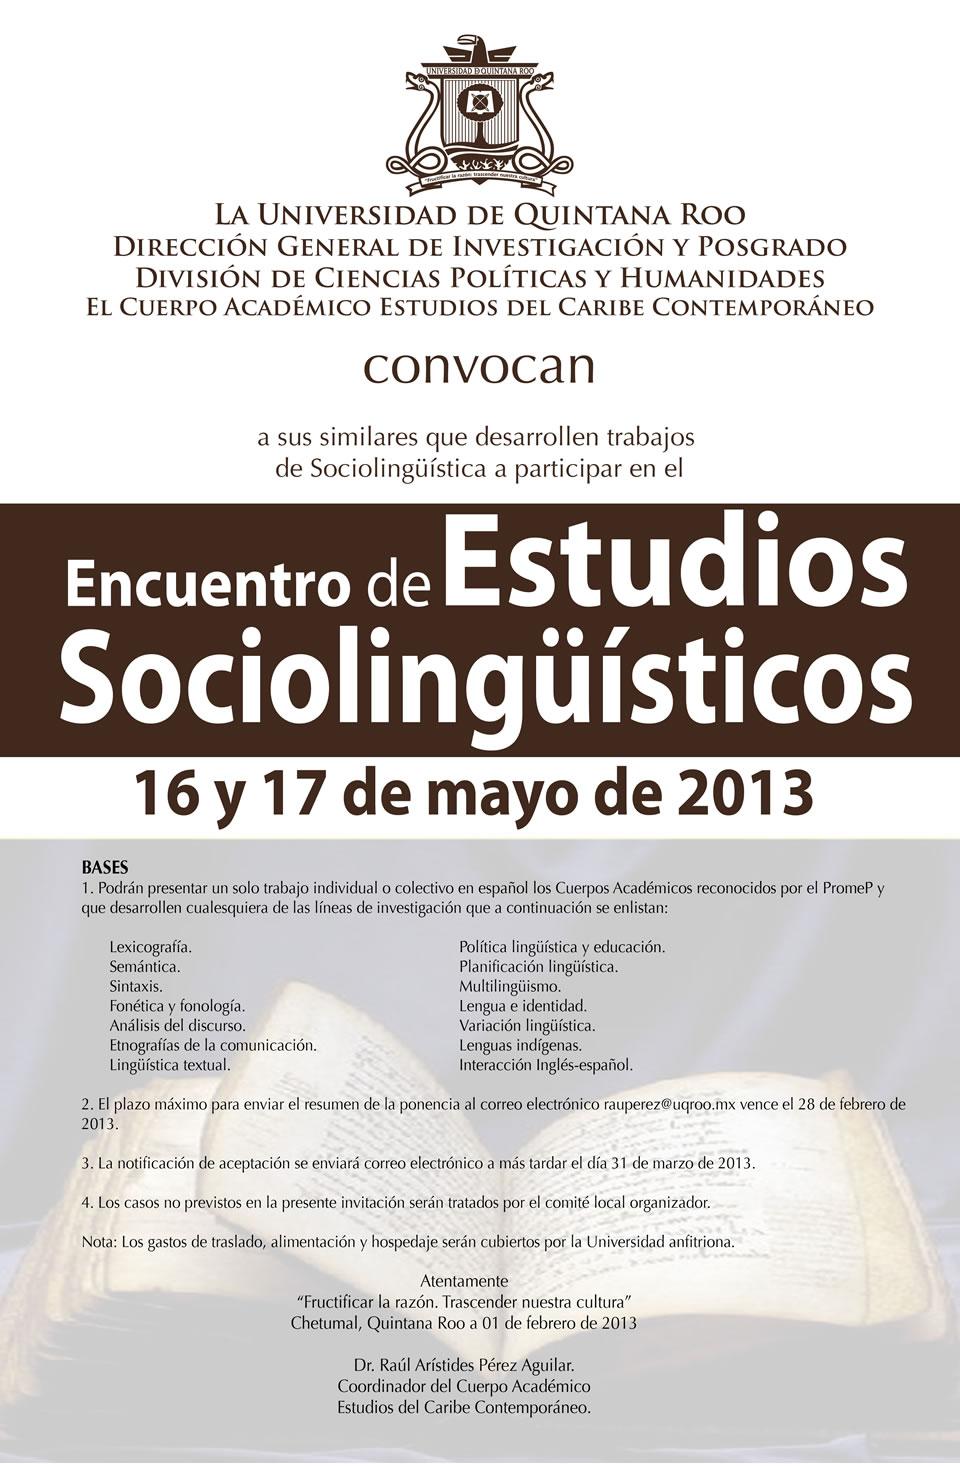 Encuentro_de_estudios_sociolinguisticos-ima.jpg